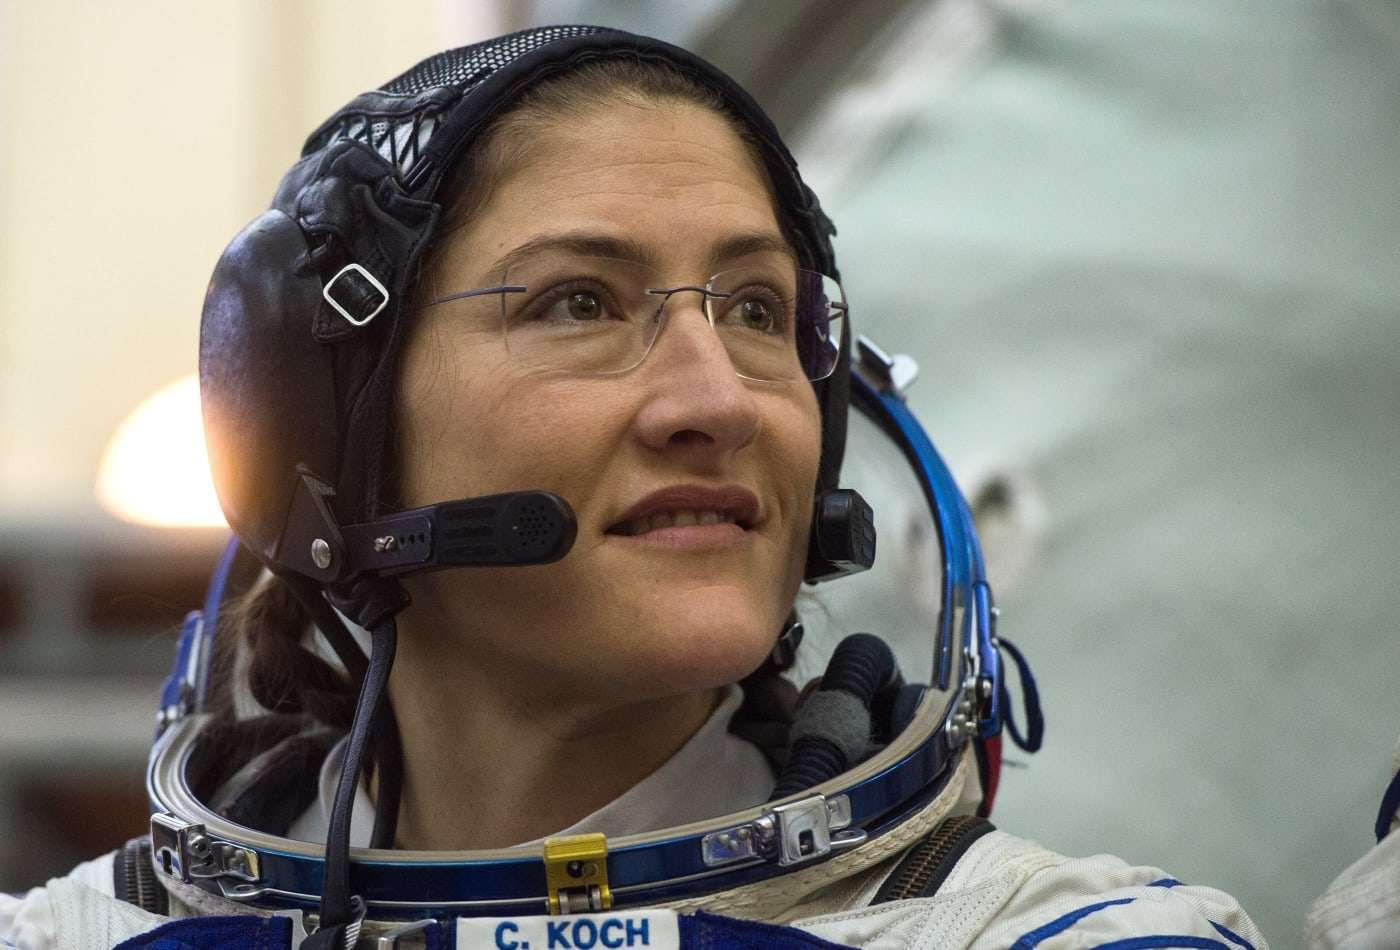 सबसे ज्यादा दिन अंतरिक्ष में रहने वाली महिला बनीं क्रिस्टिीना कोच